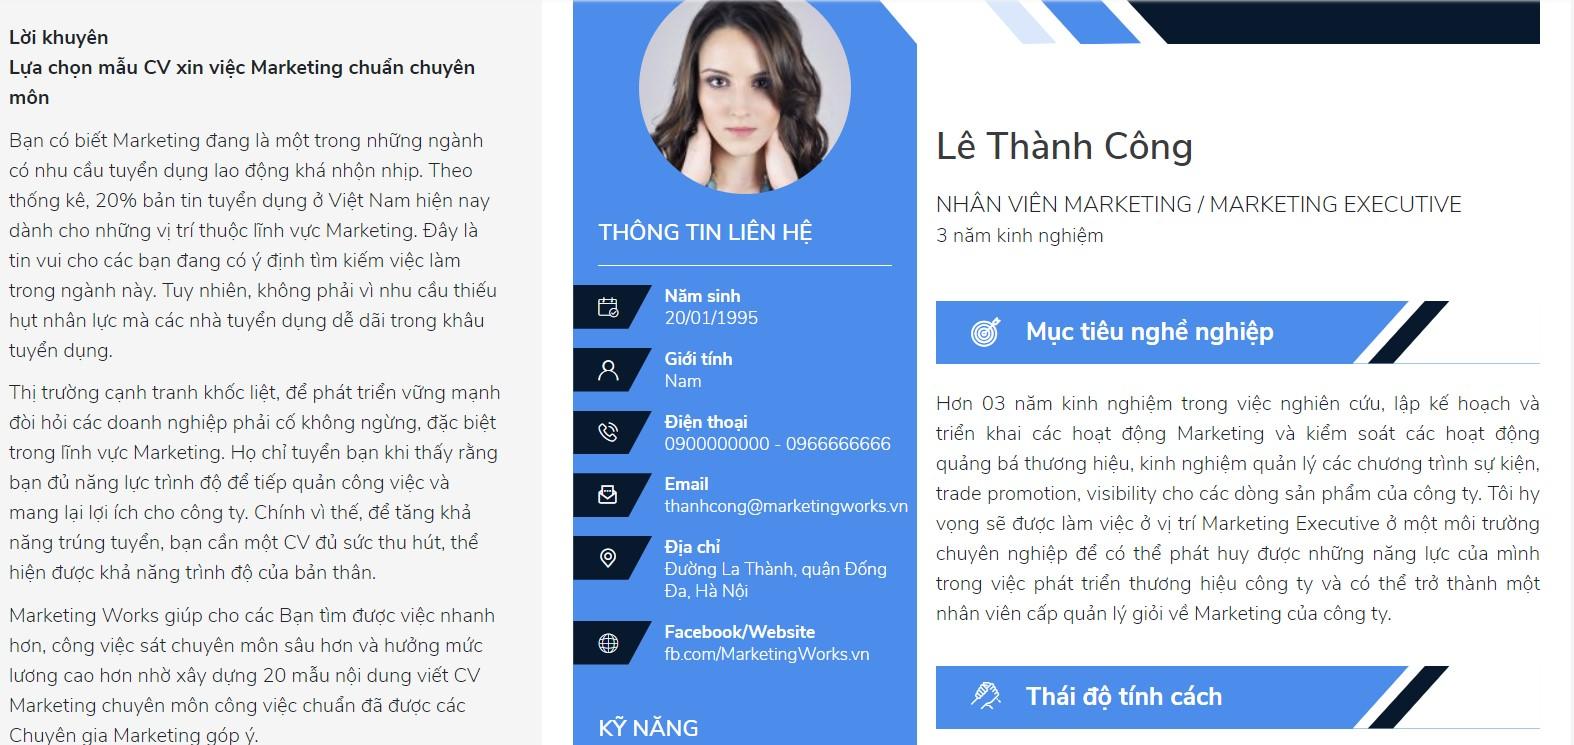 Chuan bi CV Marketing